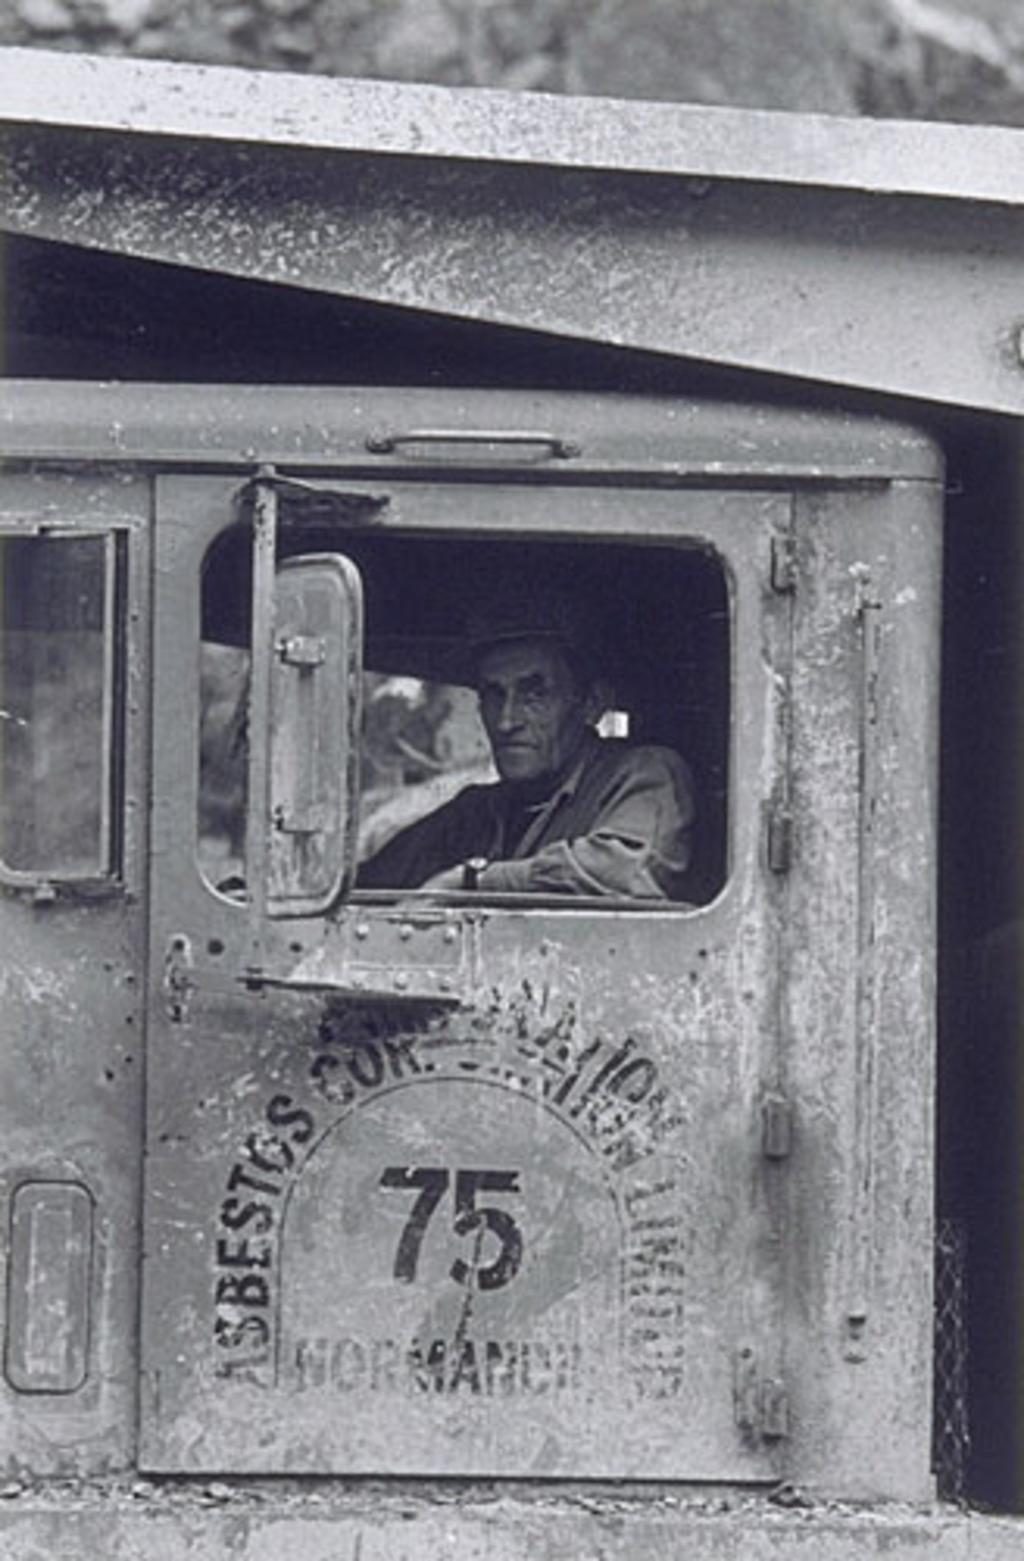 Camionneur, mine Normandie, Vimy Ridge, de la série « Disraeli, une expérience humaine en photographie »